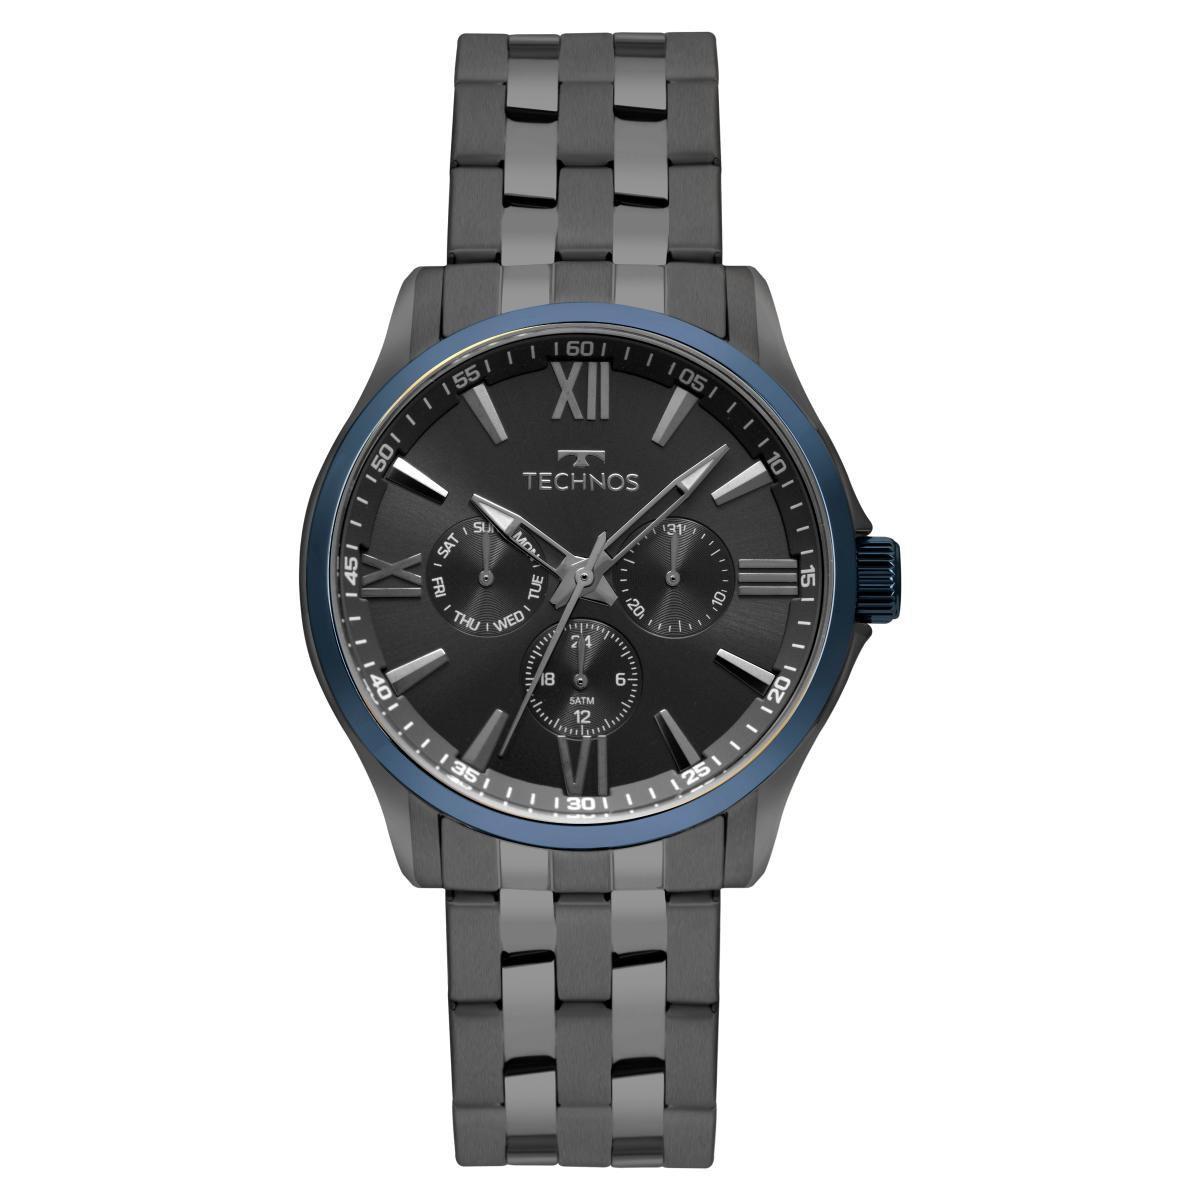 Relógio Masculino Technos Executive 6P29AJV/4P 42mm Aço Grafite